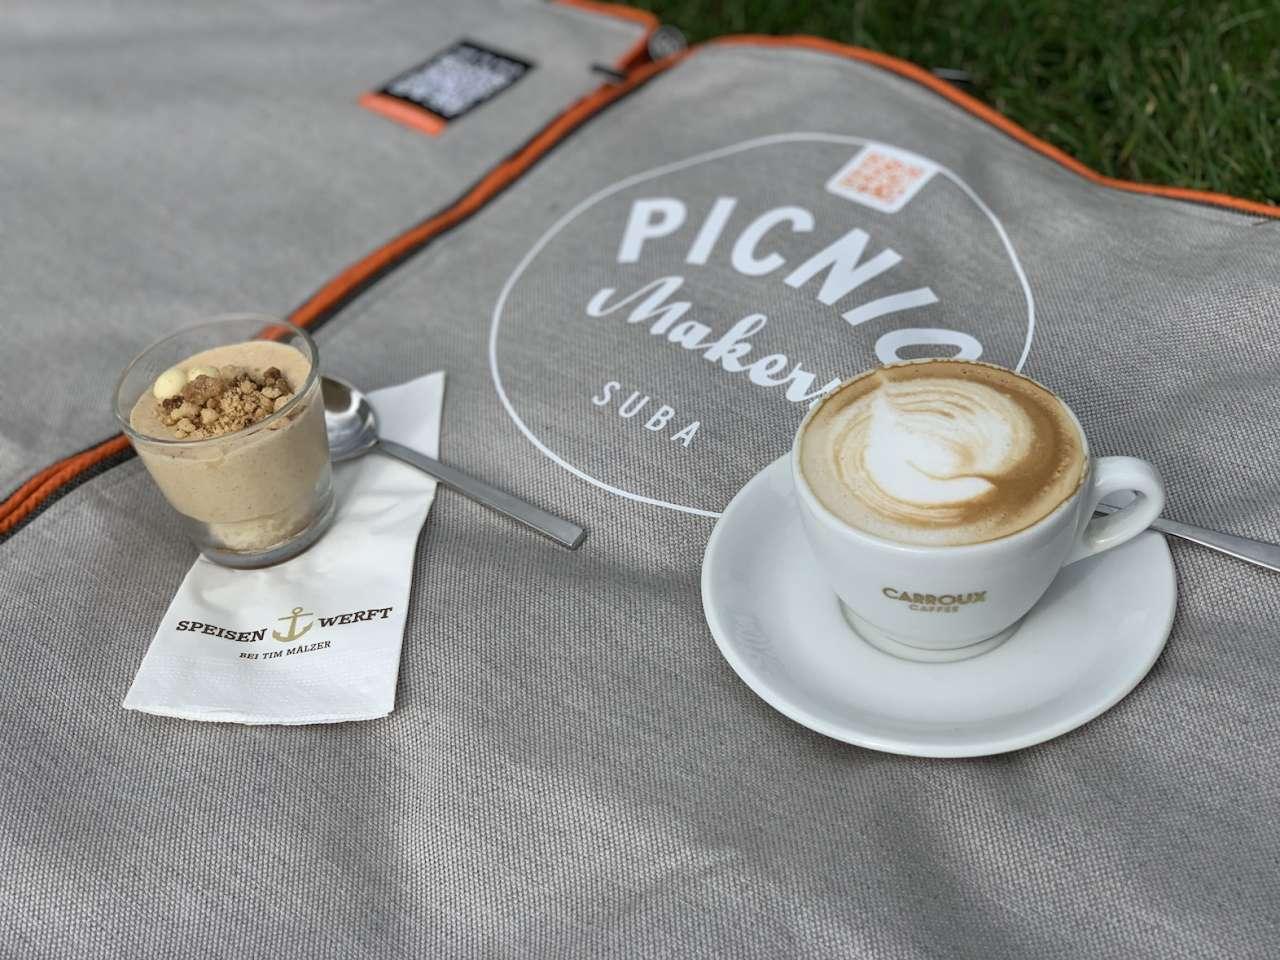 Suba Picnic-Makers Von der Einschulung über Hochzeiten bis zu Geburtstagen – Picknick zu jeder Gelegenheit